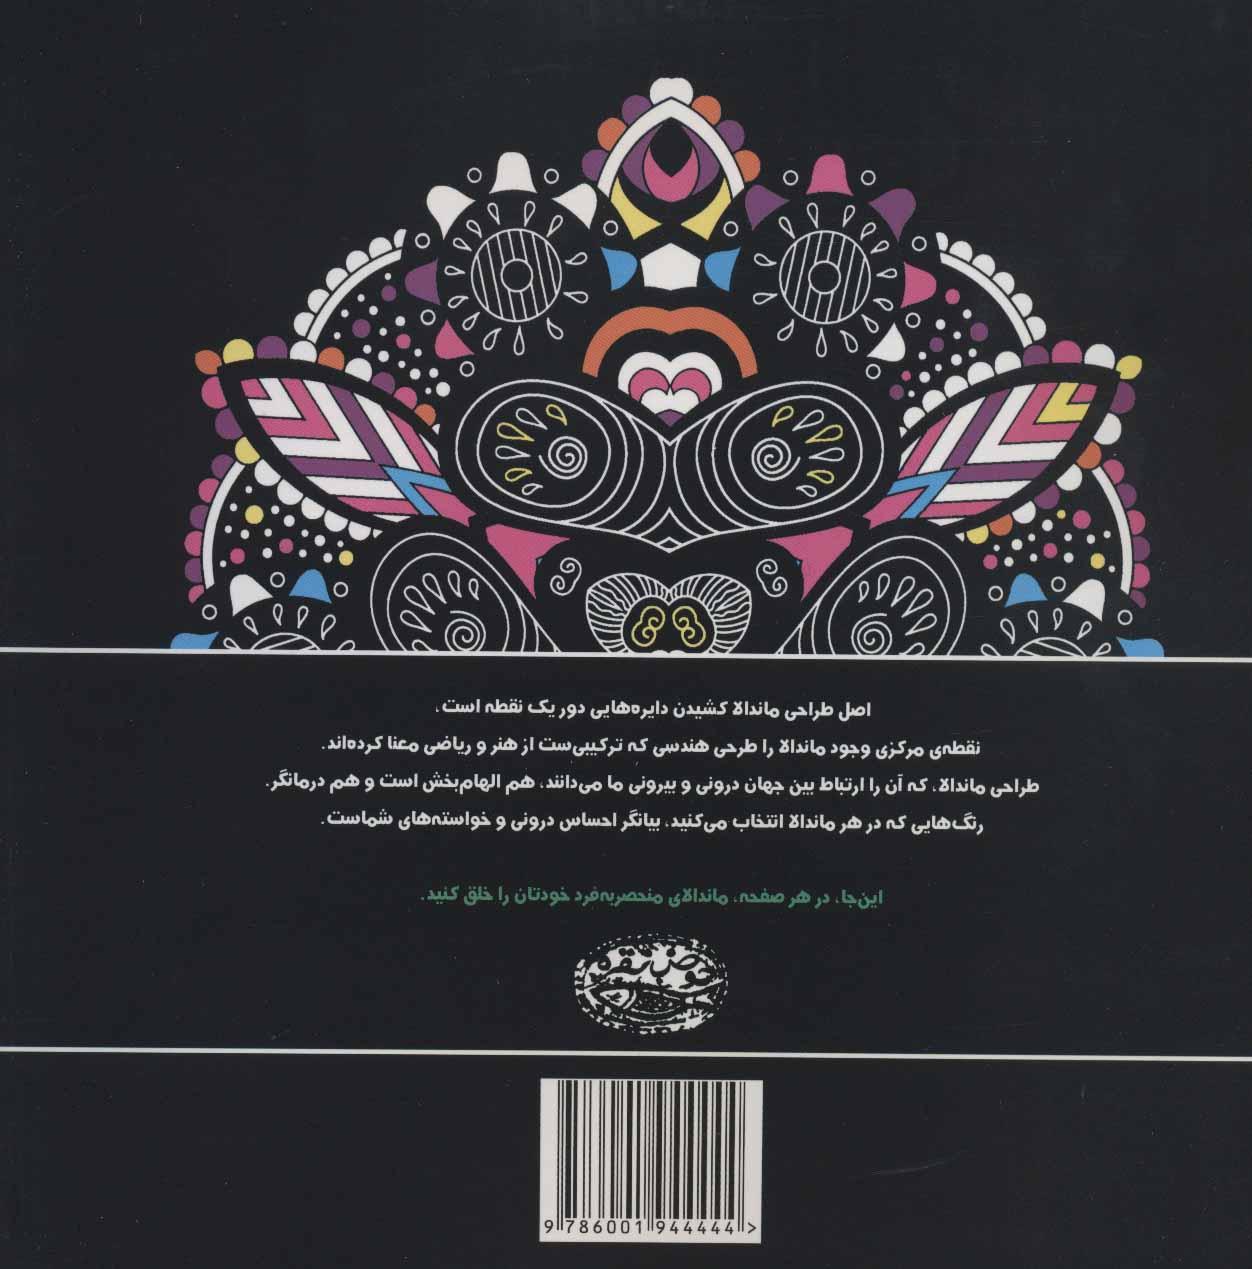 ماندالاها:کتاب رنگ آمیزی (کافه نقاشی28)